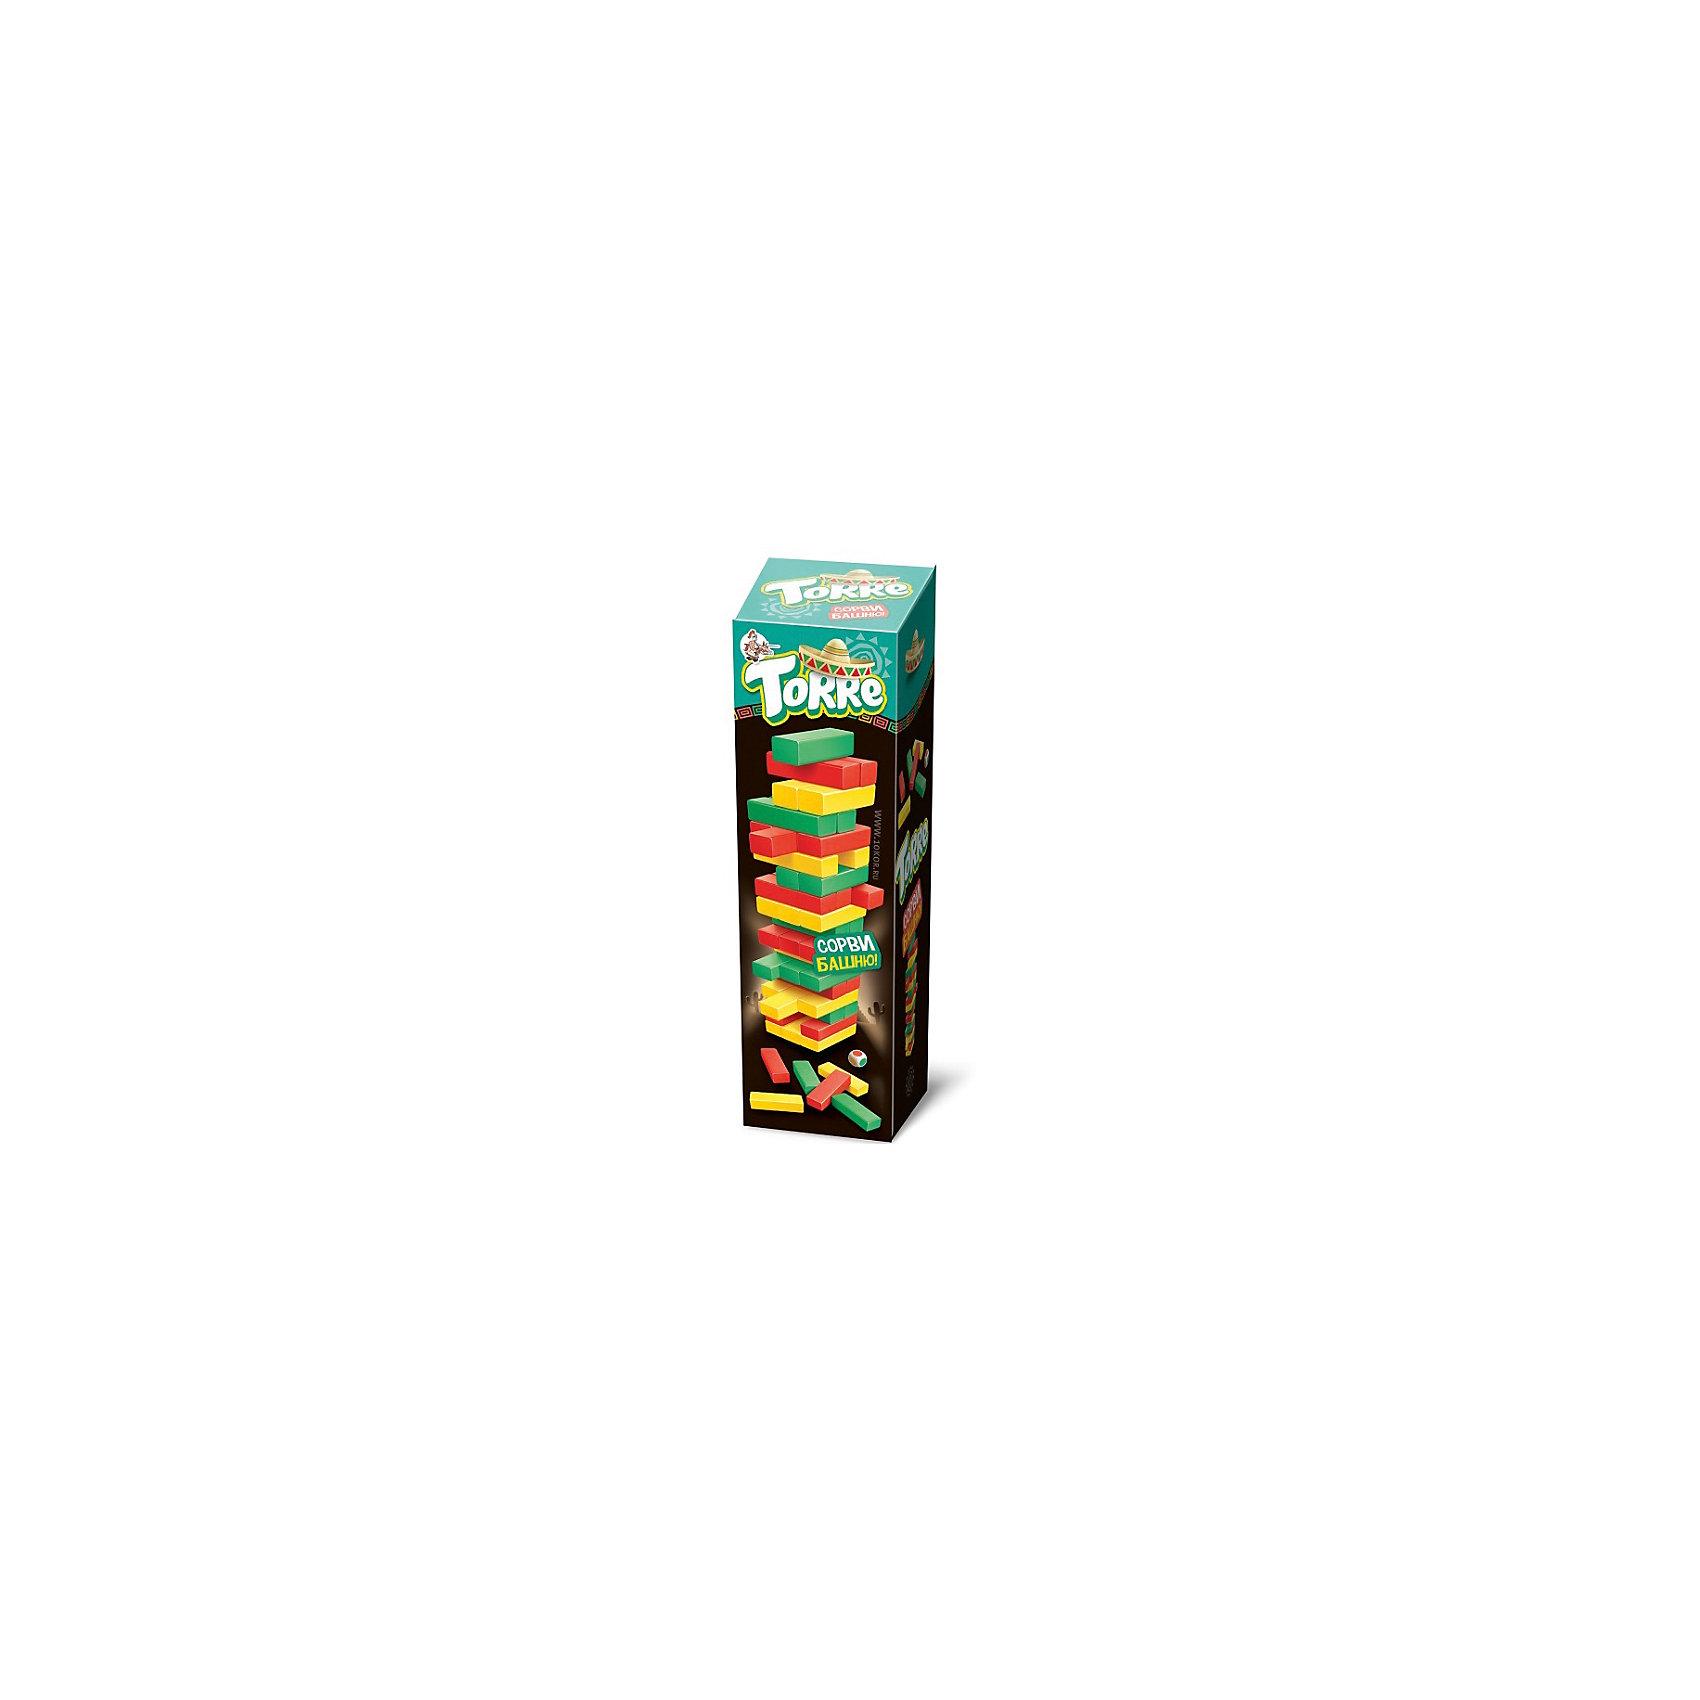 Игра для детей и взрослых Торре, Десятое королевствоНастольные игры<br>Игра для детей и взрослых Торре, Десятое королевство<br><br><br>Характеристики: <br><br>• Возраст: от 7 лет<br>• Материал: древесина<br>• Цвет: красный, зеленый, желтый<br>• Игроков: от 2<br>• В комплекте: брусочки, кубики<br><br>Этот набор предназначен для игры детей от 7 лет. Он развивает логику, моторику и воображение. Эта игра очень похожа на классическую Падающую башню, но с некоторыми поправками - теперь, построив башню из цветных брусков, нужно кидать кубик и вытаскивать из состава башни тот брусок, цвет которого выпал. Бруски окрашены высококачественными немецкими красками и совершенно безопасны для детей.<br><br>Игра для детей и взрослых Торре, Десятое королевство можно купить в нашем интернет-магазине.<br><br>Ширина мм: 85<br>Глубина мм: 85<br>Высота мм: 275<br>Вес г: 979<br>Возраст от месяцев: 84<br>Возраст до месяцев: 2147483647<br>Пол: Унисекс<br>Возраст: Детский<br>SKU: 5473724